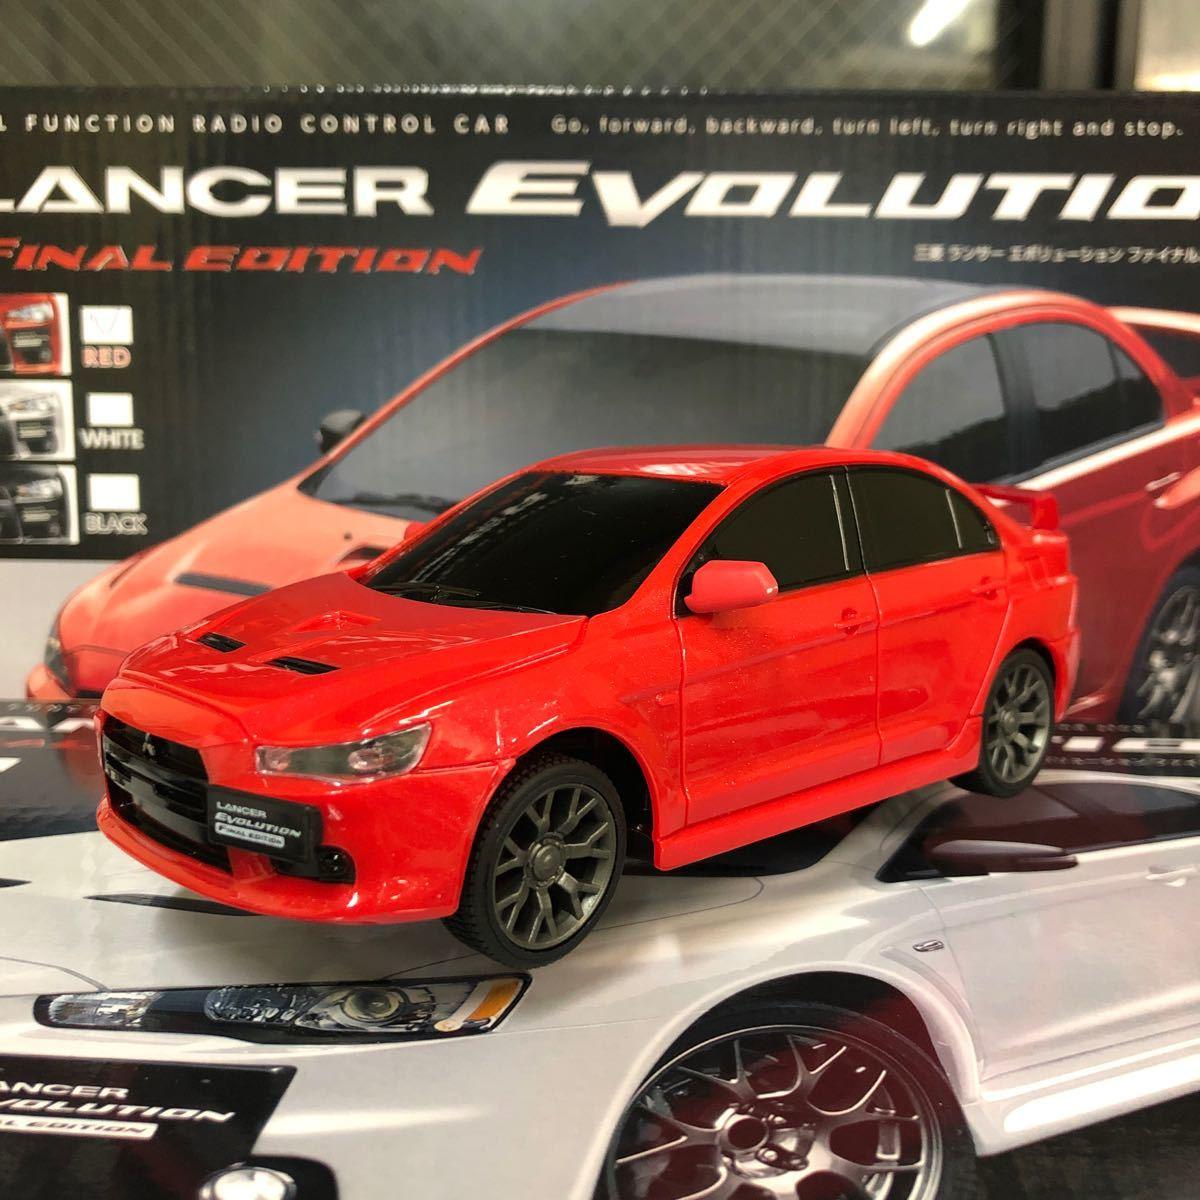 トイラジコン ランサーエボリューション ファイナルエディション 4色セット 新品